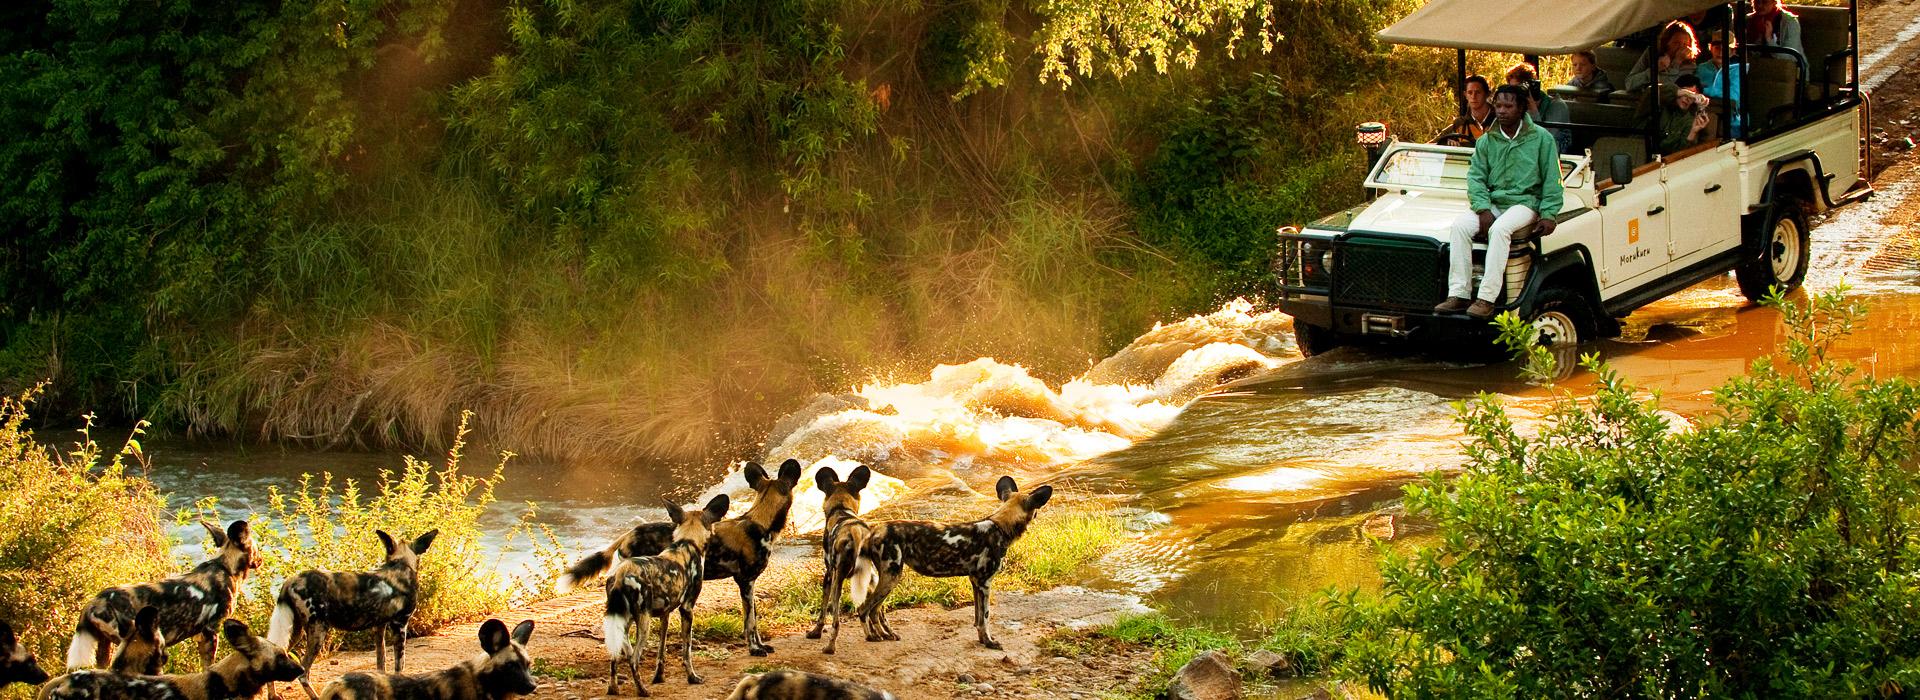 8 Days Scenic Wildlife safari